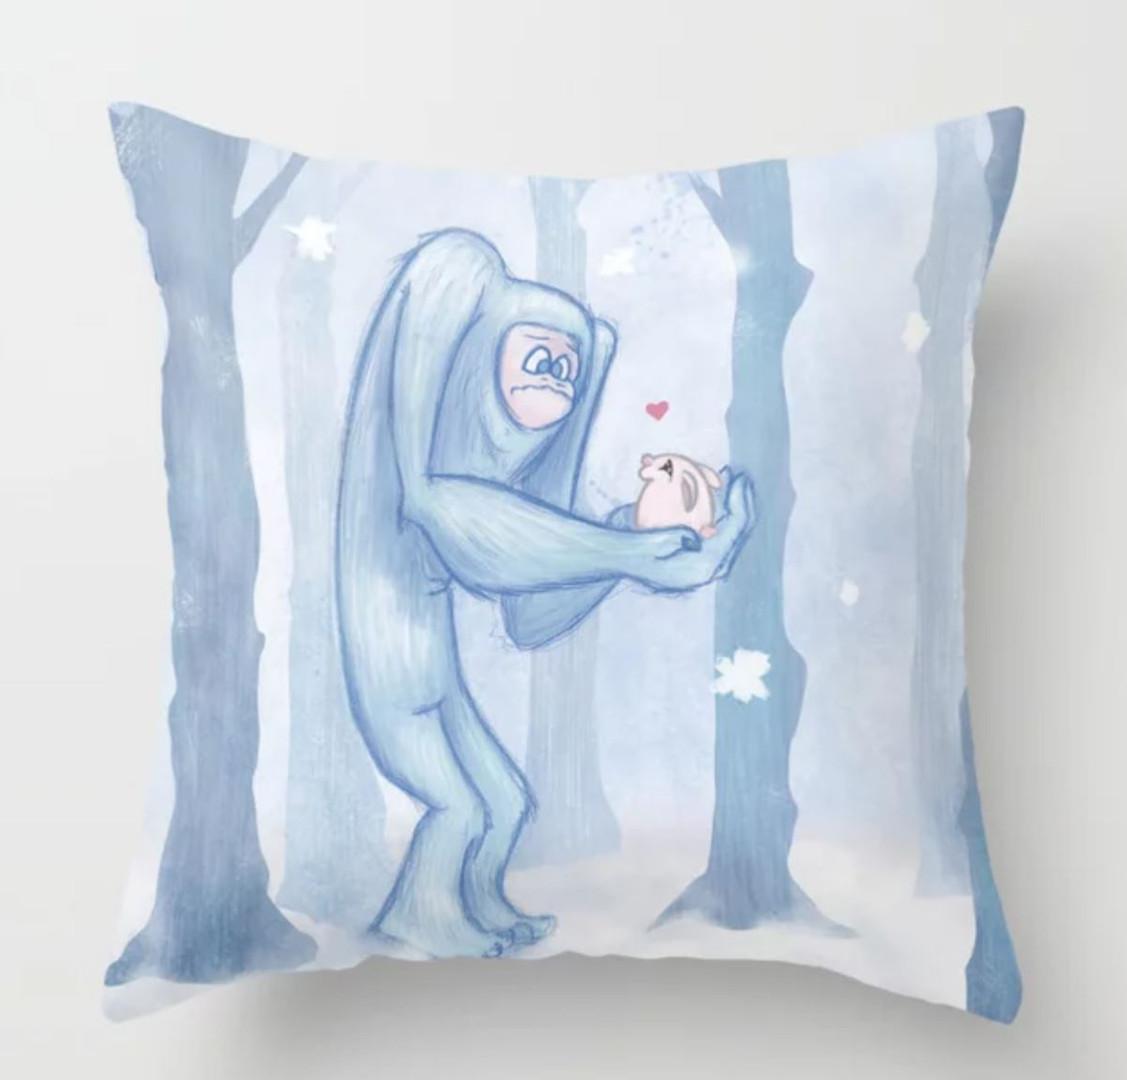 yeti pillow